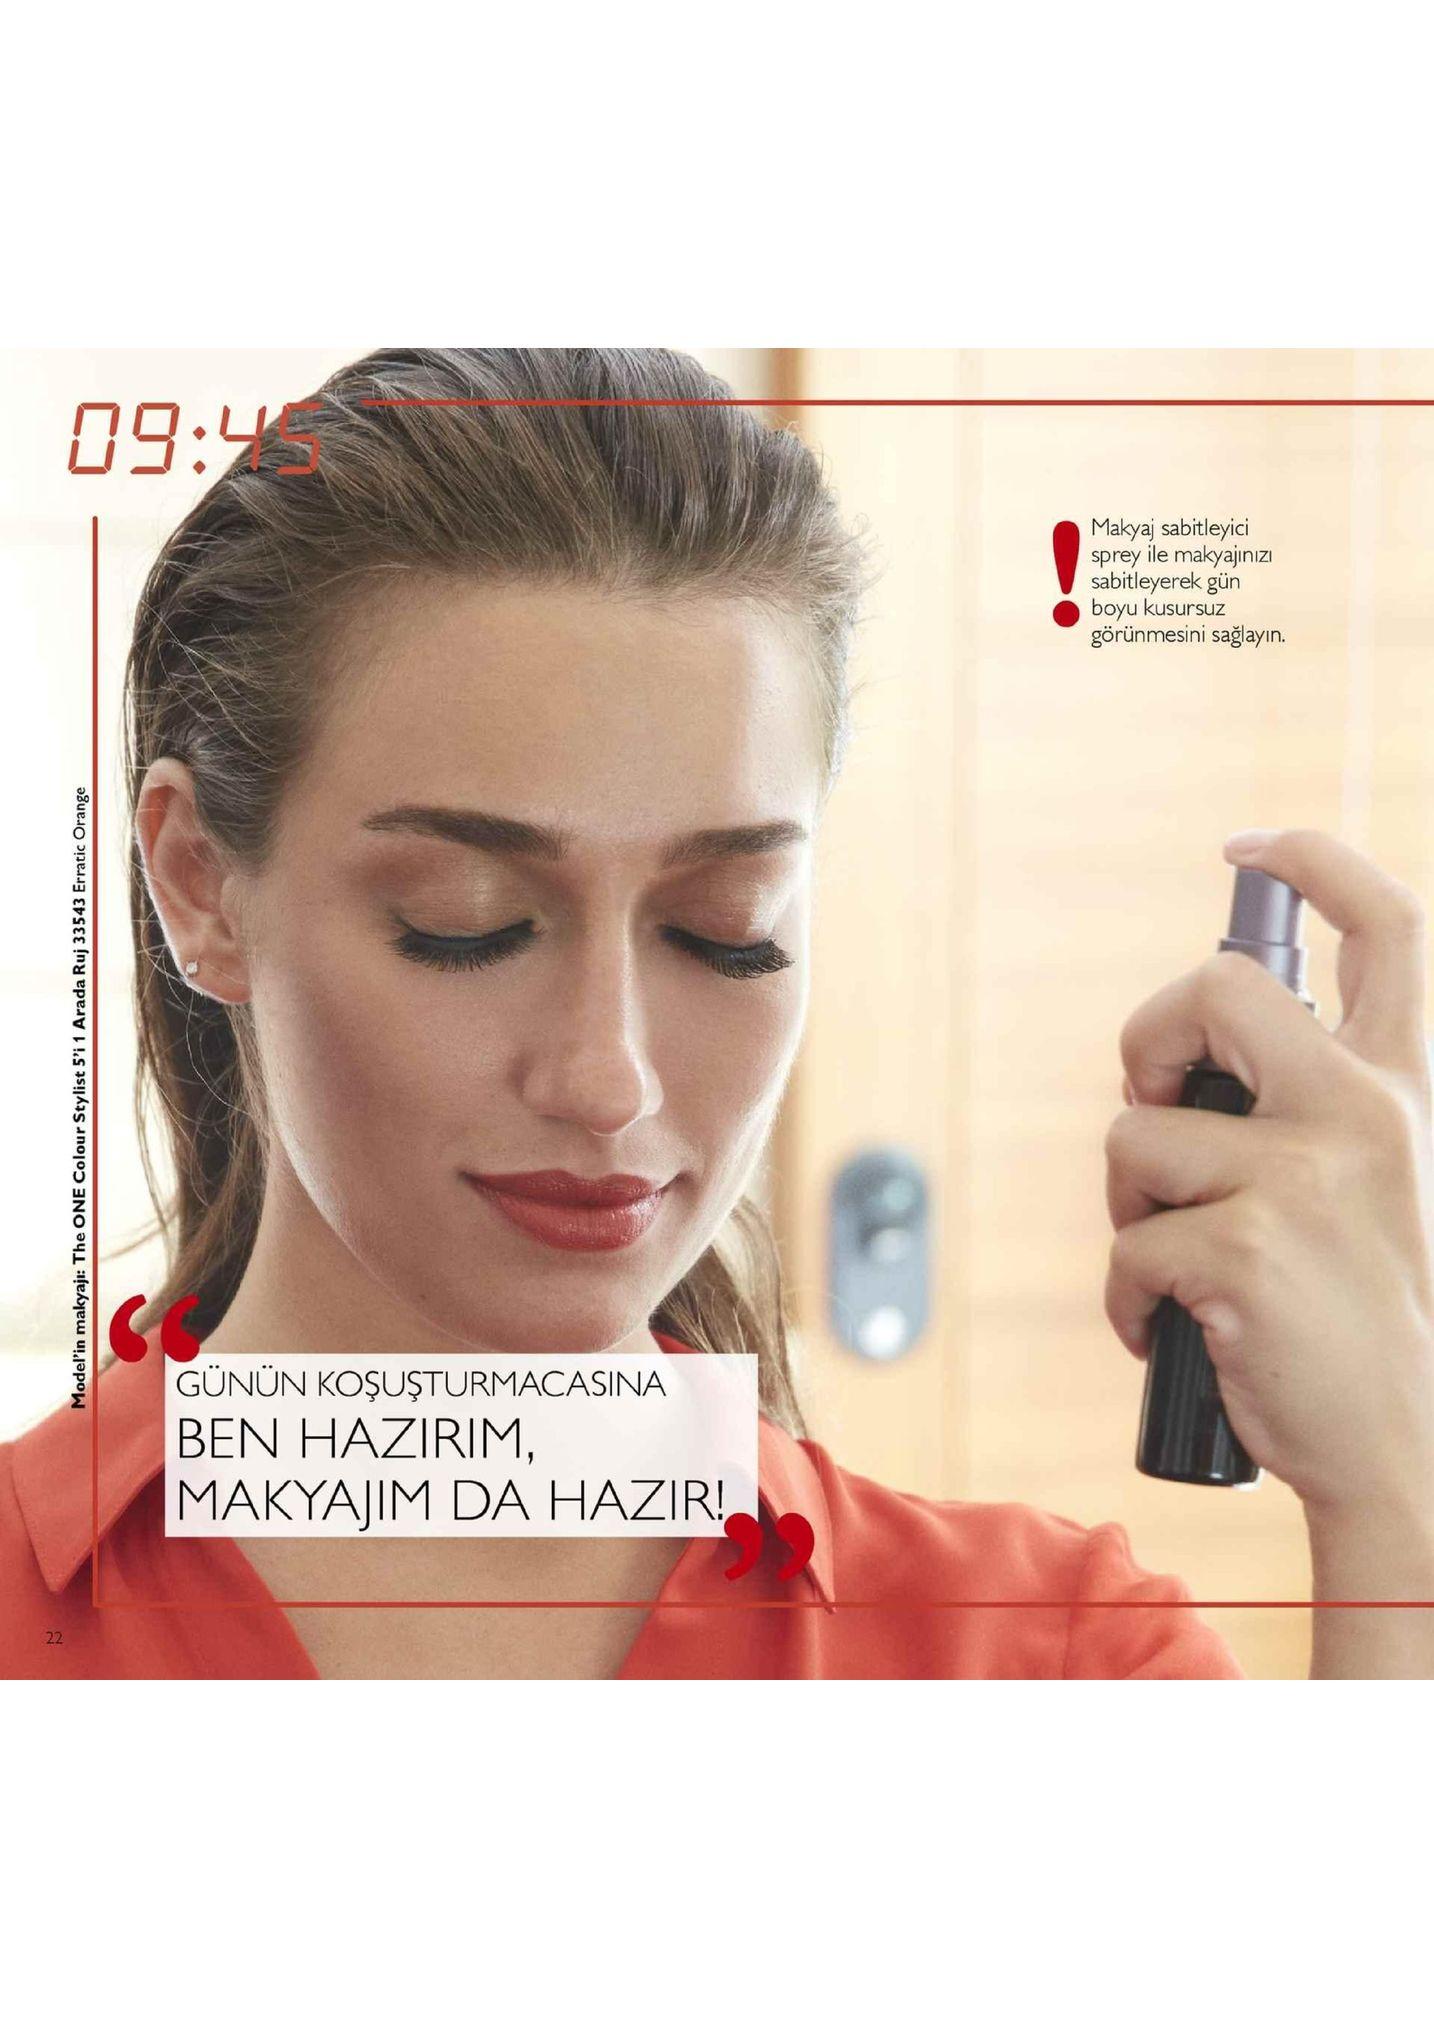 09:4s makyaj sabitleyici sprey ile makyajinizi sabitleyerek gün boyu kusursuz görünmesini sağlayın. cs gunun koşuşturmacasina ben hazirim, makyajim da hazir!